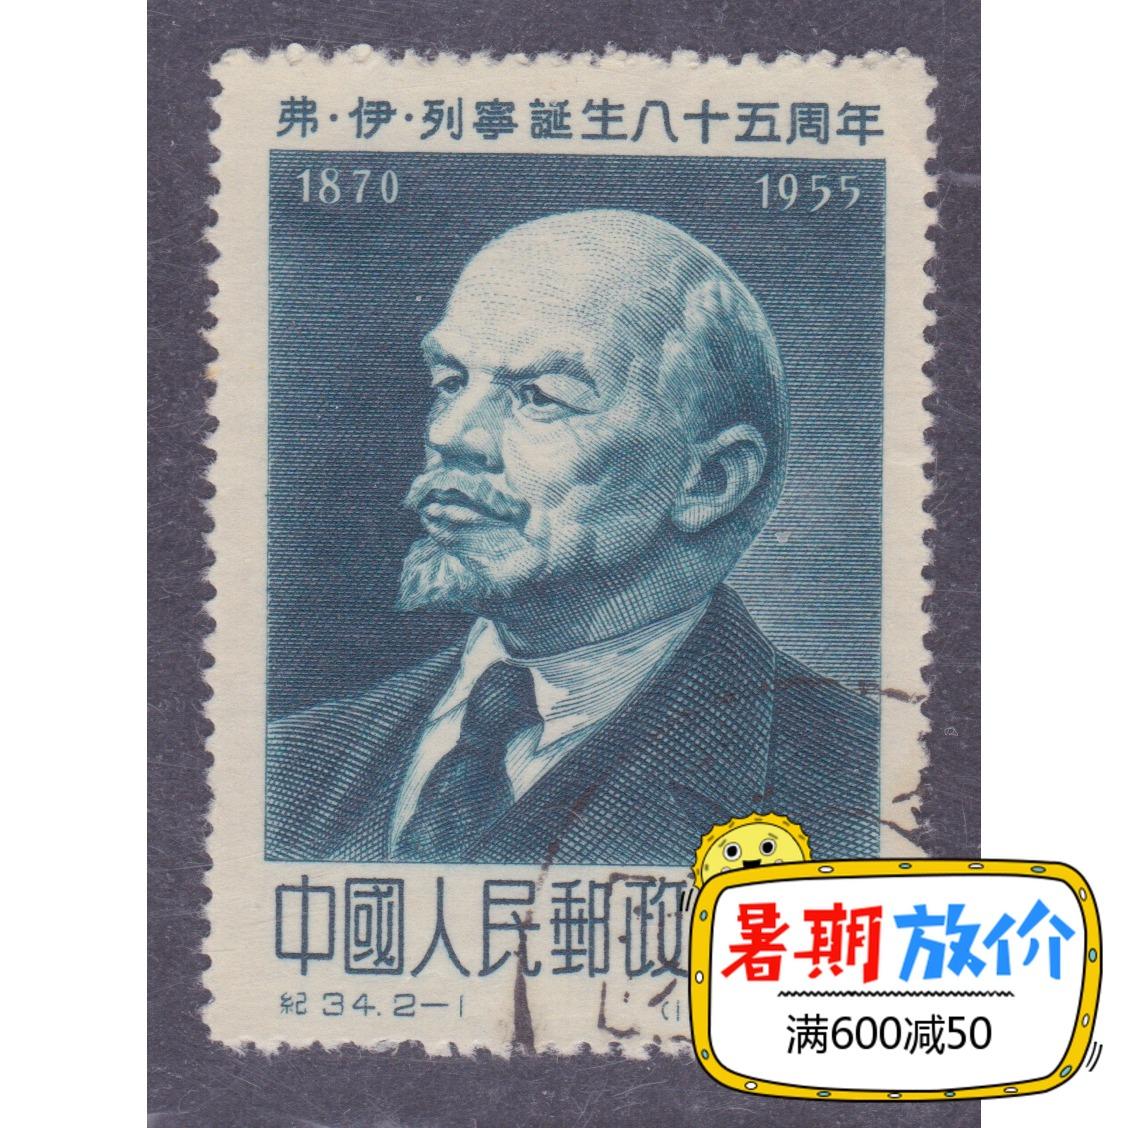 Trung Quốc mới Lào Ji Te tem 34 Lenin 2-1 cũ sưu tập tem để kỷ niệm thiệt hại